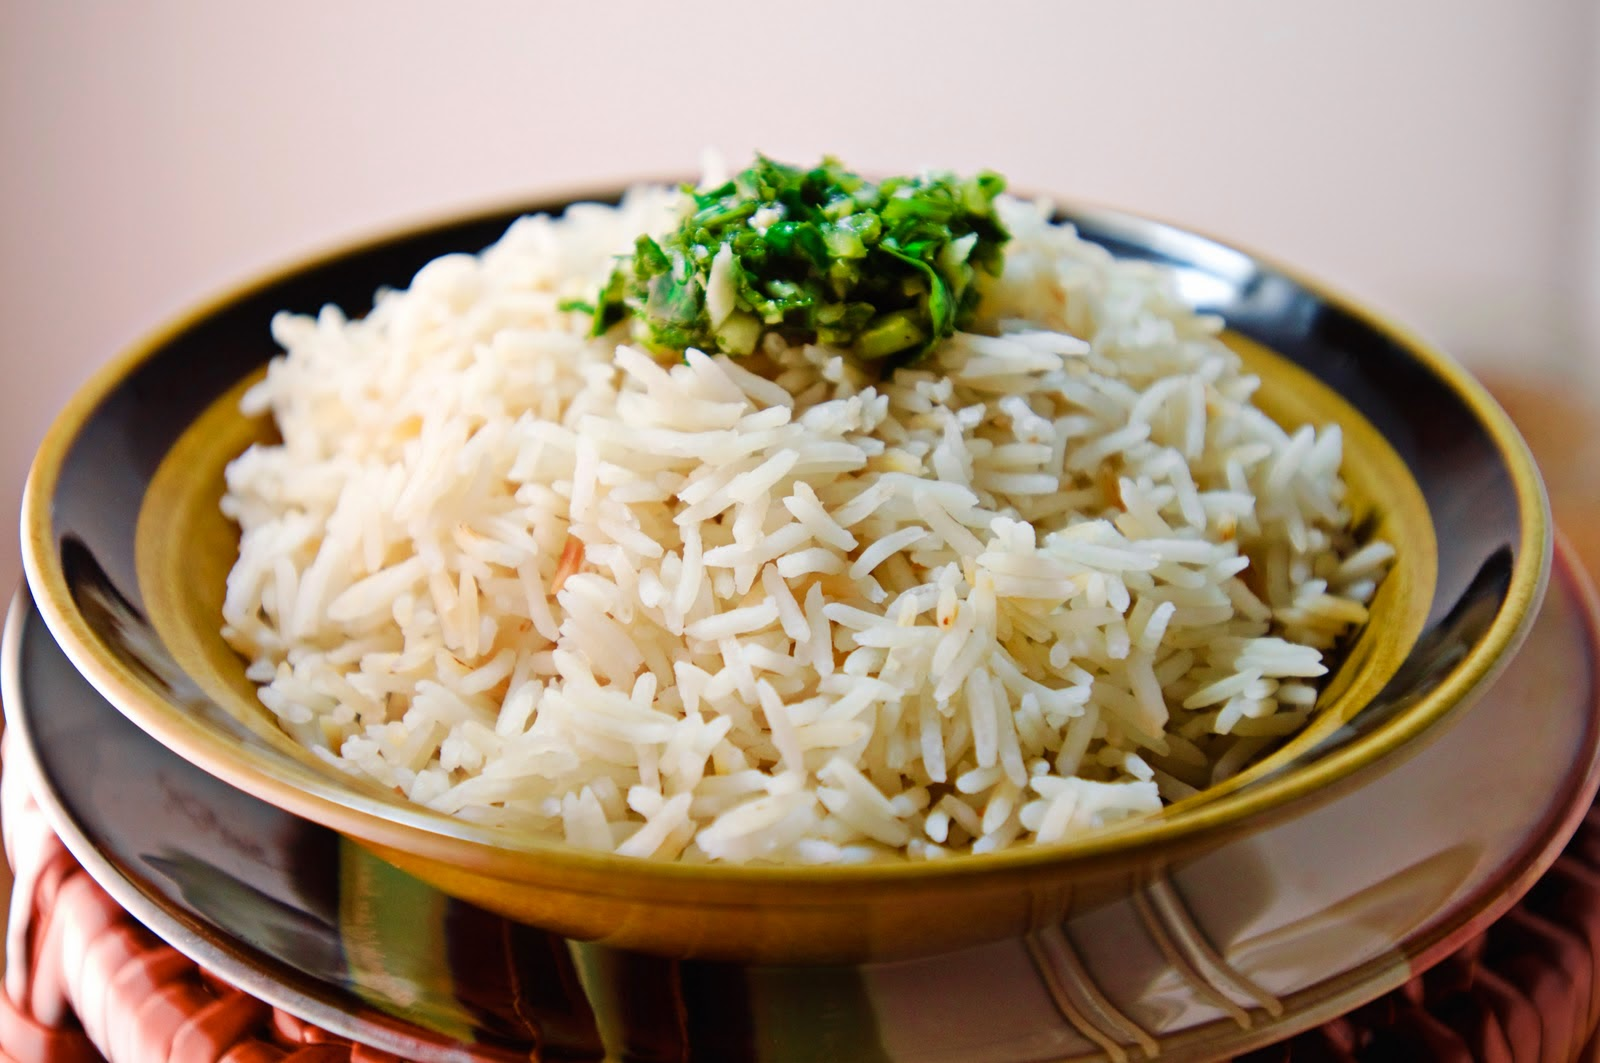 Top zece cu cele mai bune retete culinare cu orez, Foto: vegetarijanska-kuhinja.blogspot.com